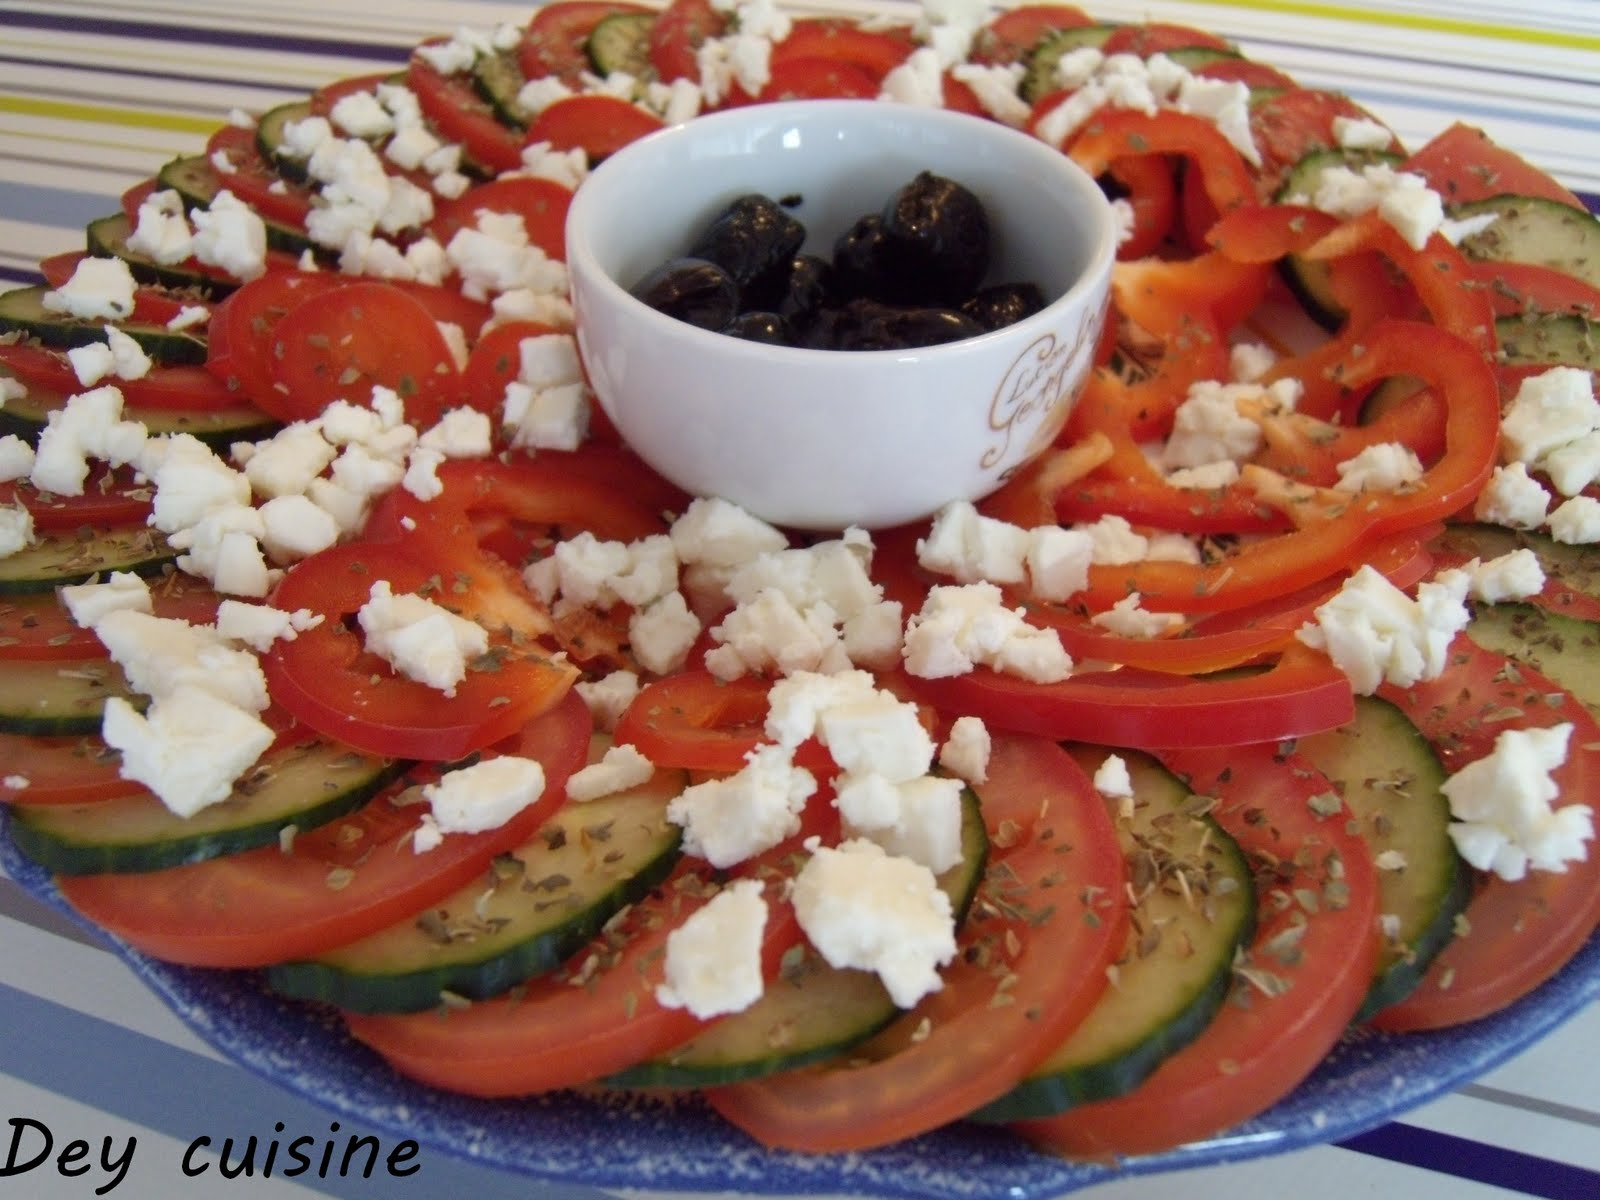 Dey cuisine repas grecque slouvaki de poulet salade for Cuisine grecque